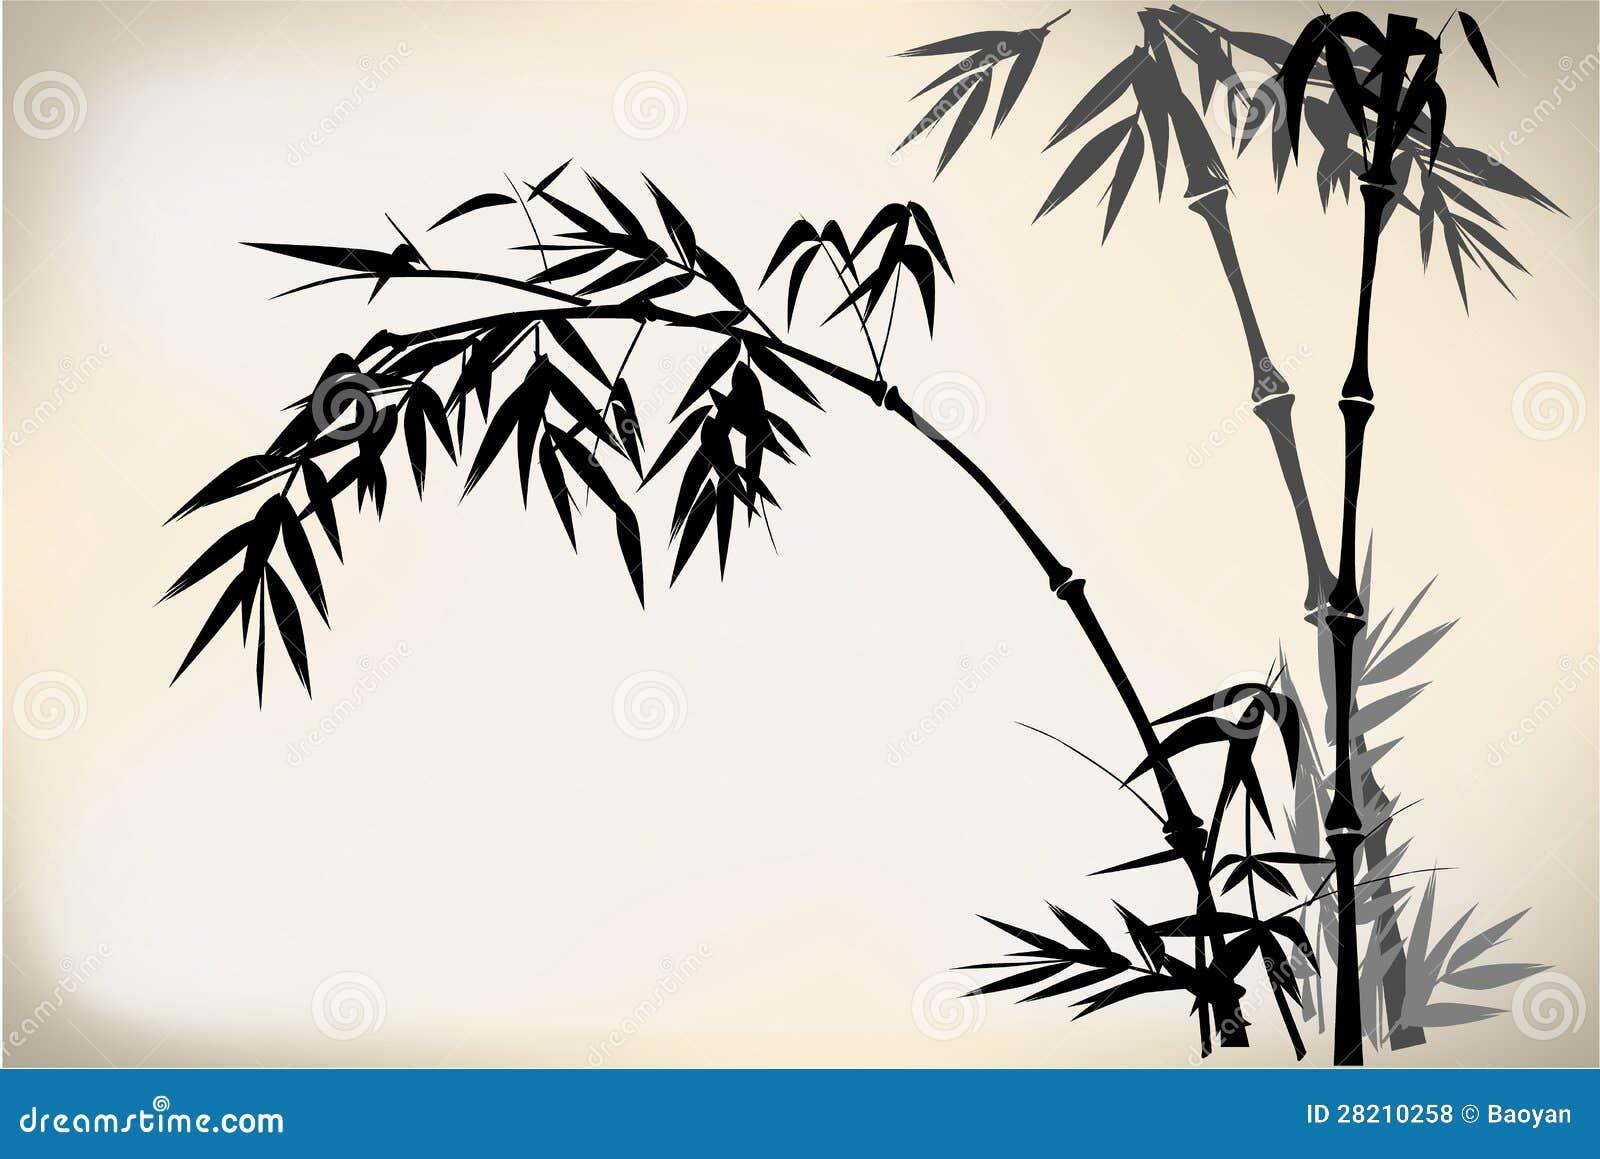 Как нарисовать бамбук своими руками